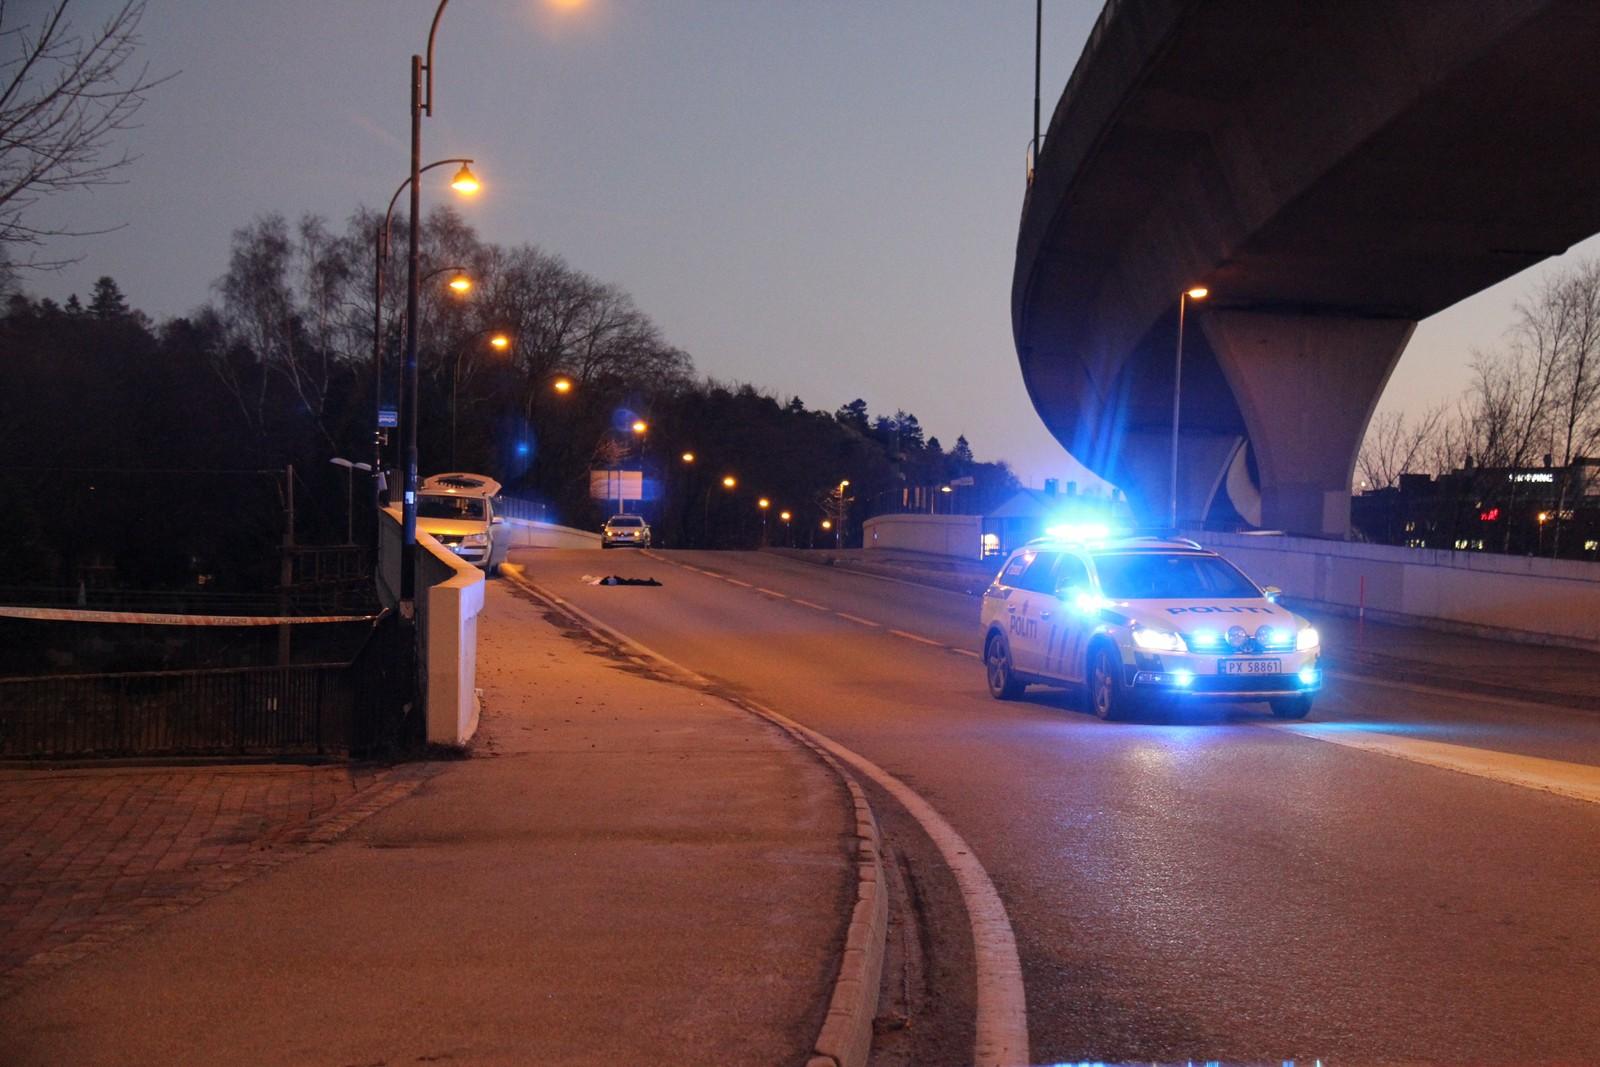 Politibil på stedet etter skytingen.